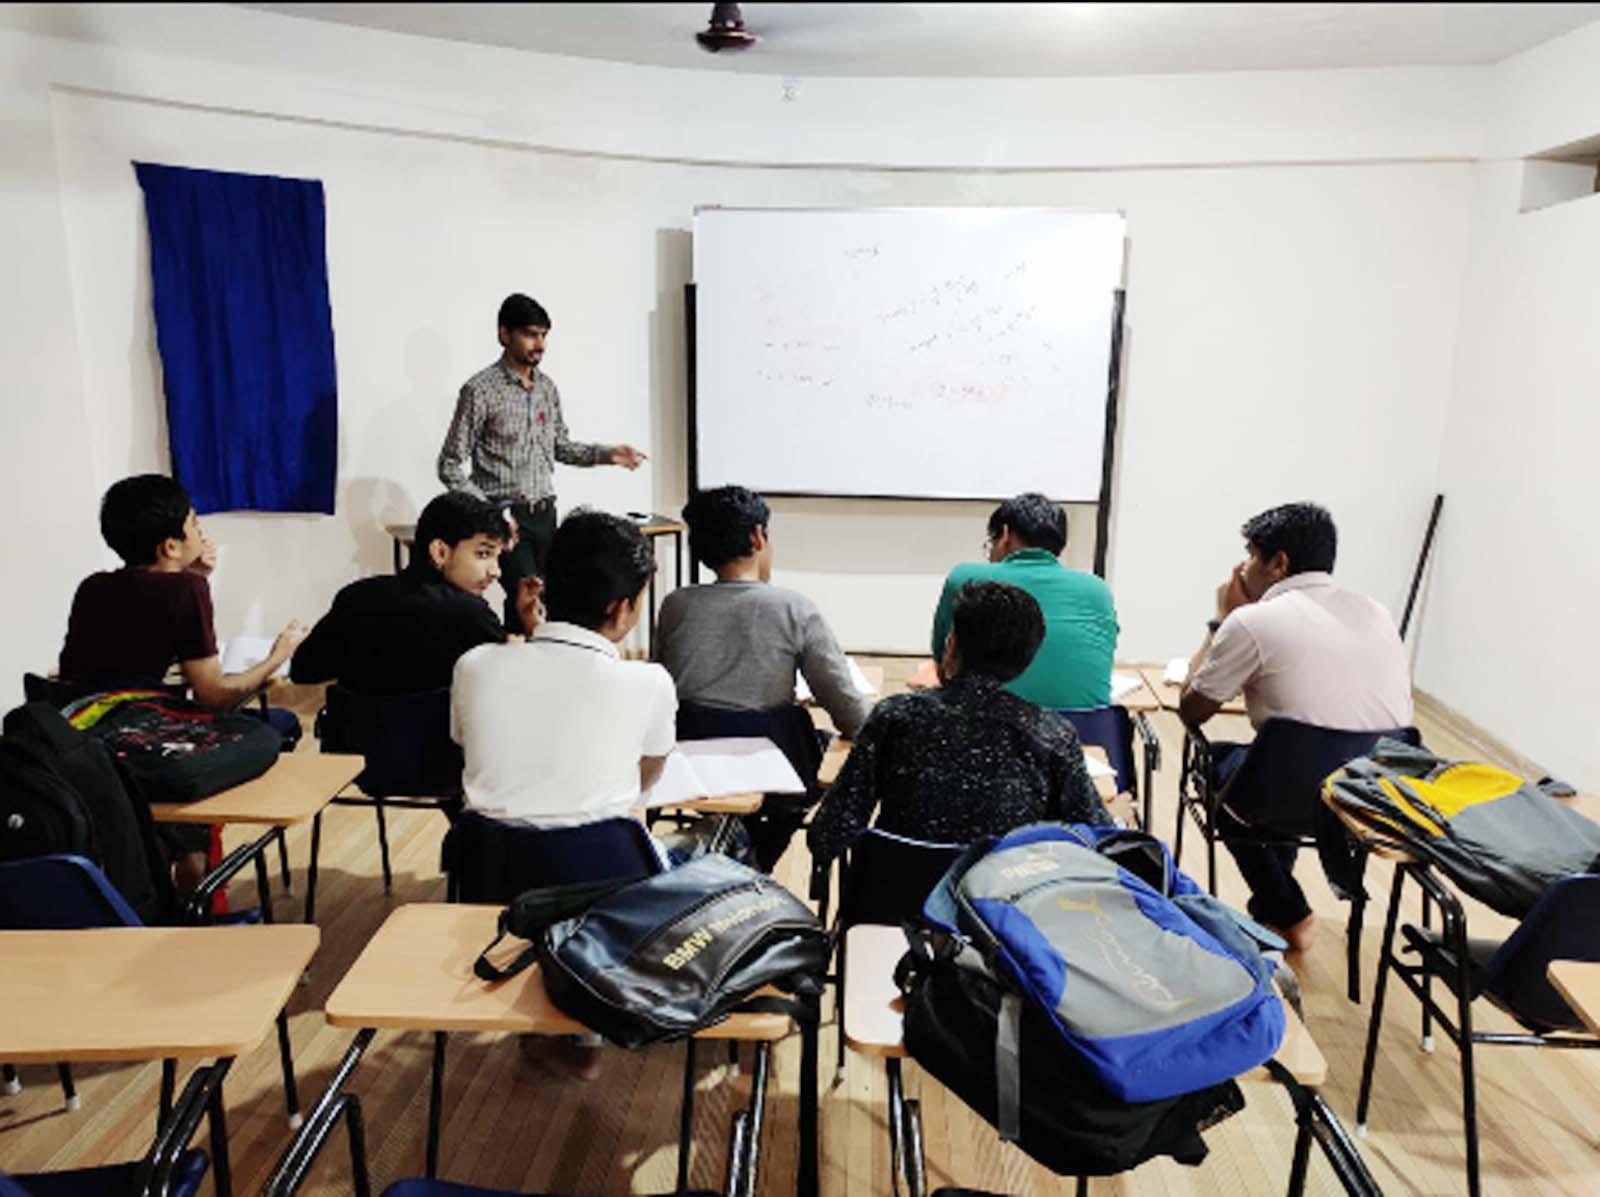 Jhabua News-सकल व्यापारी संघ के सहयोग से हुआ स्पायर अकादमी का शुभारंभ